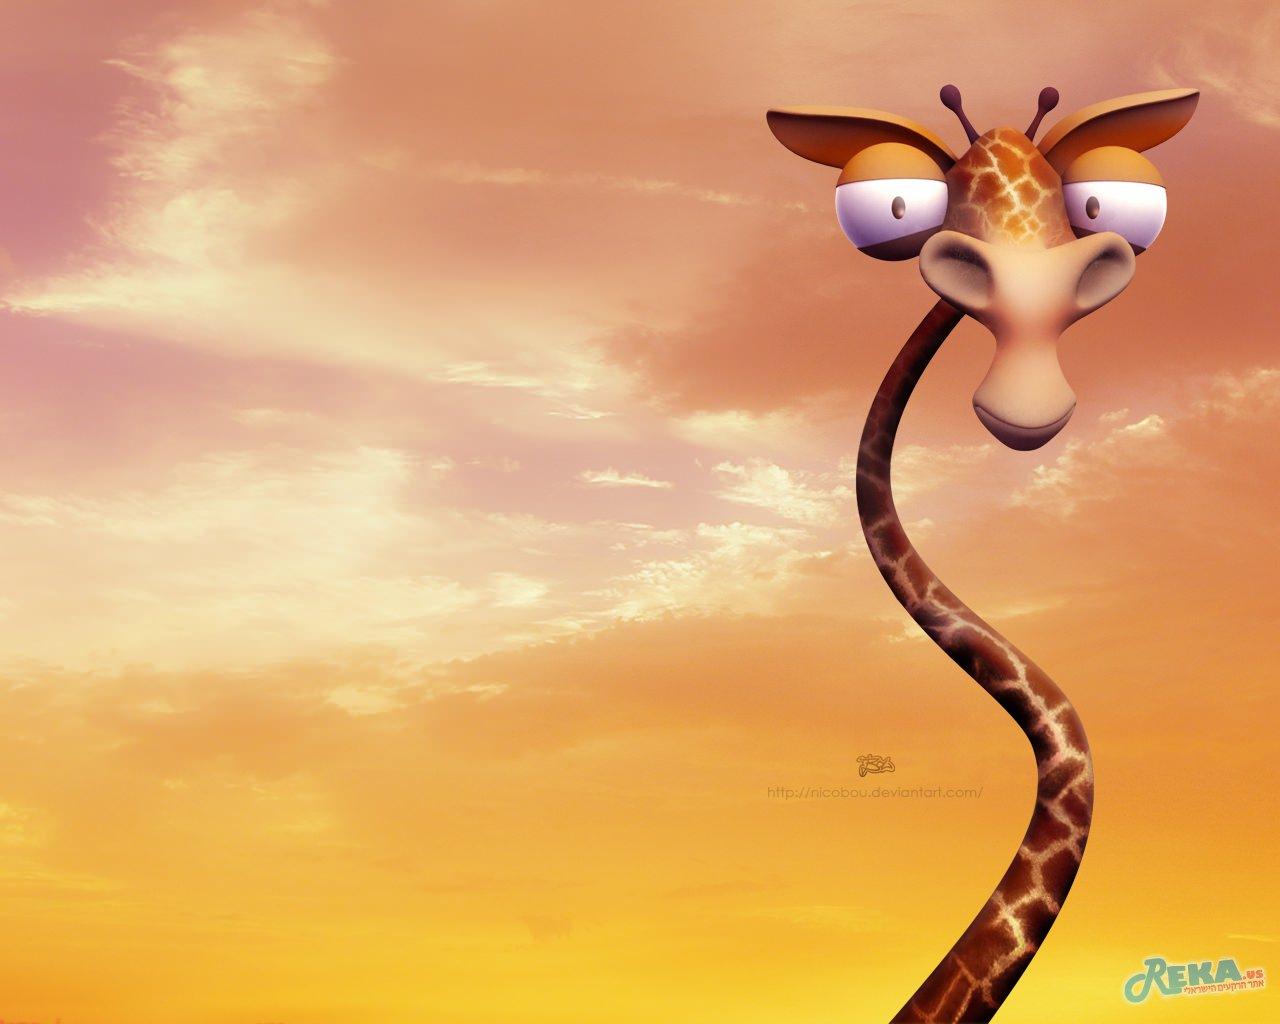 Giraffe_by_nicobou.jpg